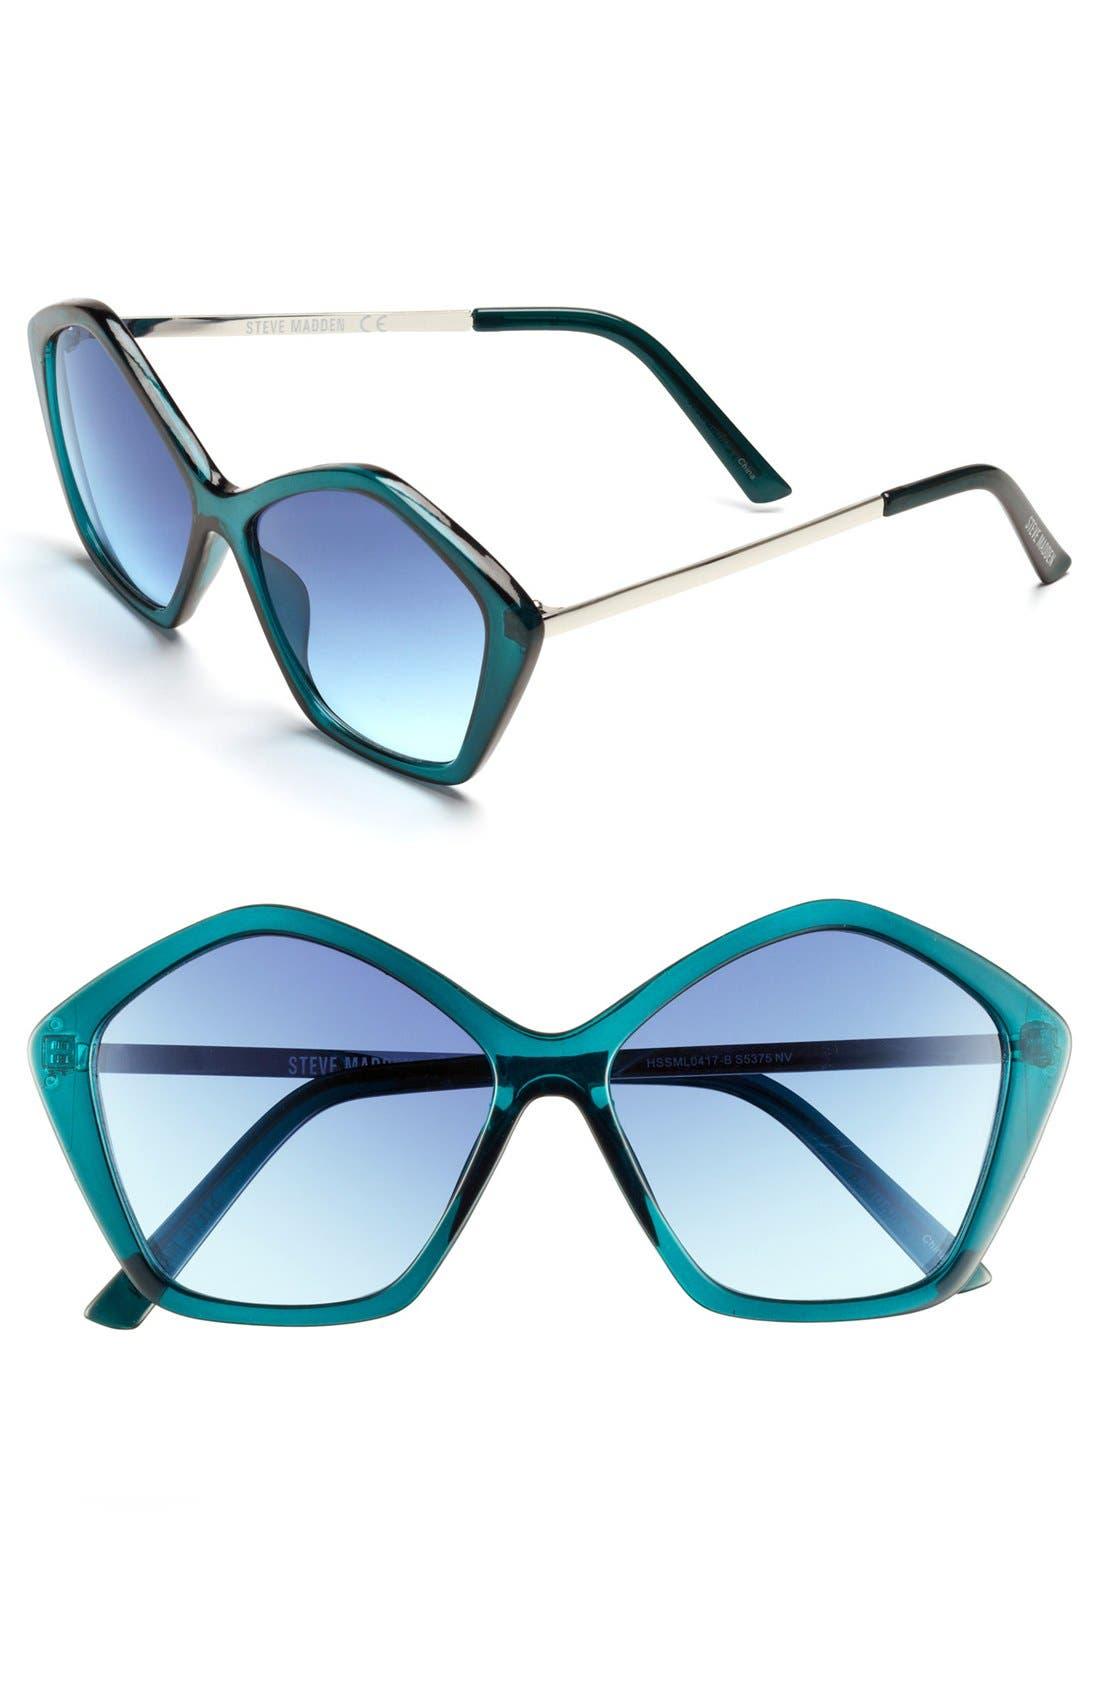 Alternate Image 1 Selected - Steve Madden 56mm Sunglasses